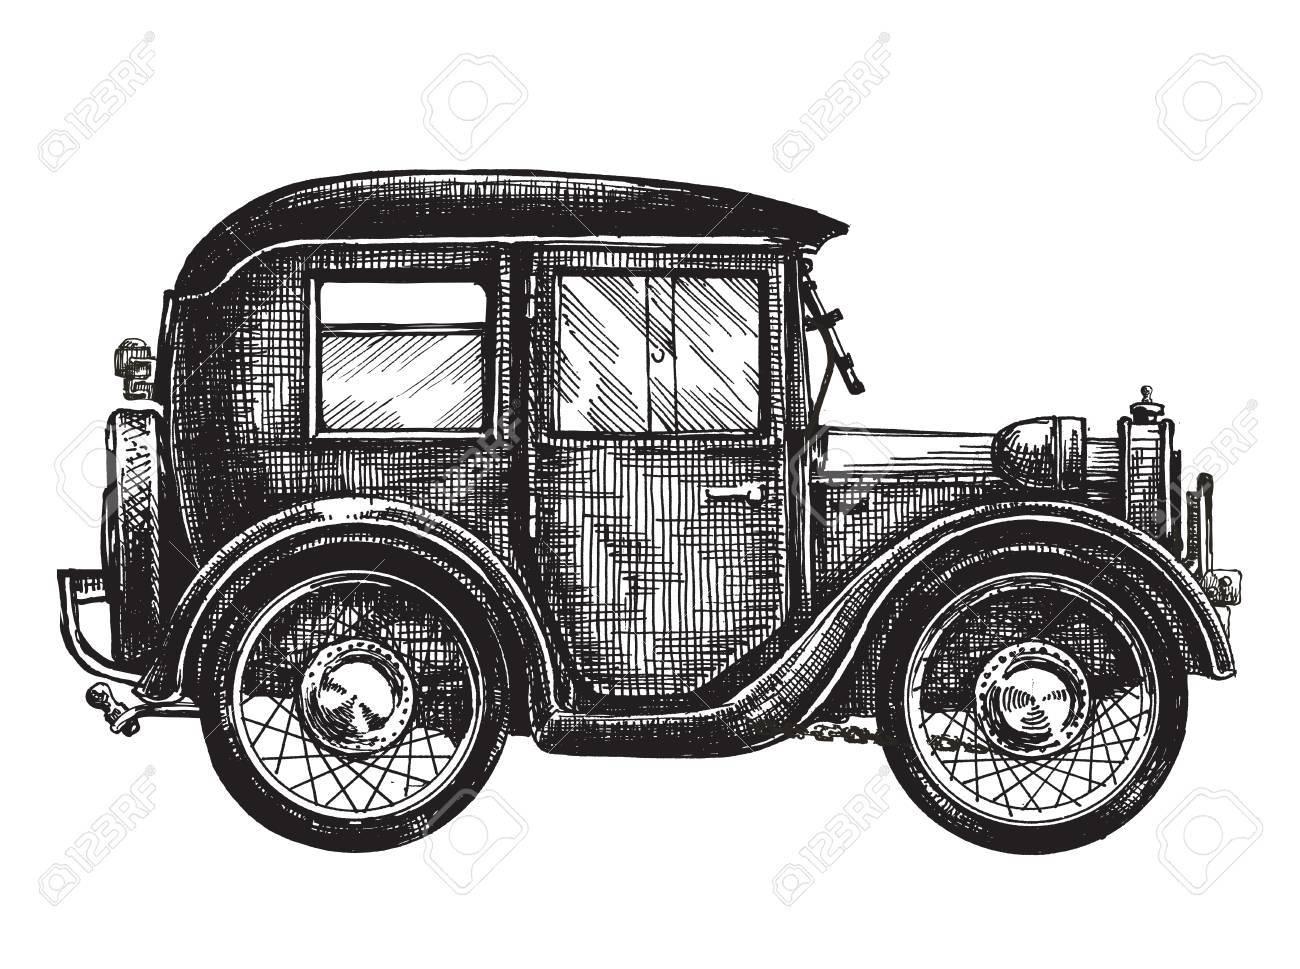 Großartig Auto Zünddiagramm Fotos - Elektrische Schaltplan-Ideen ...